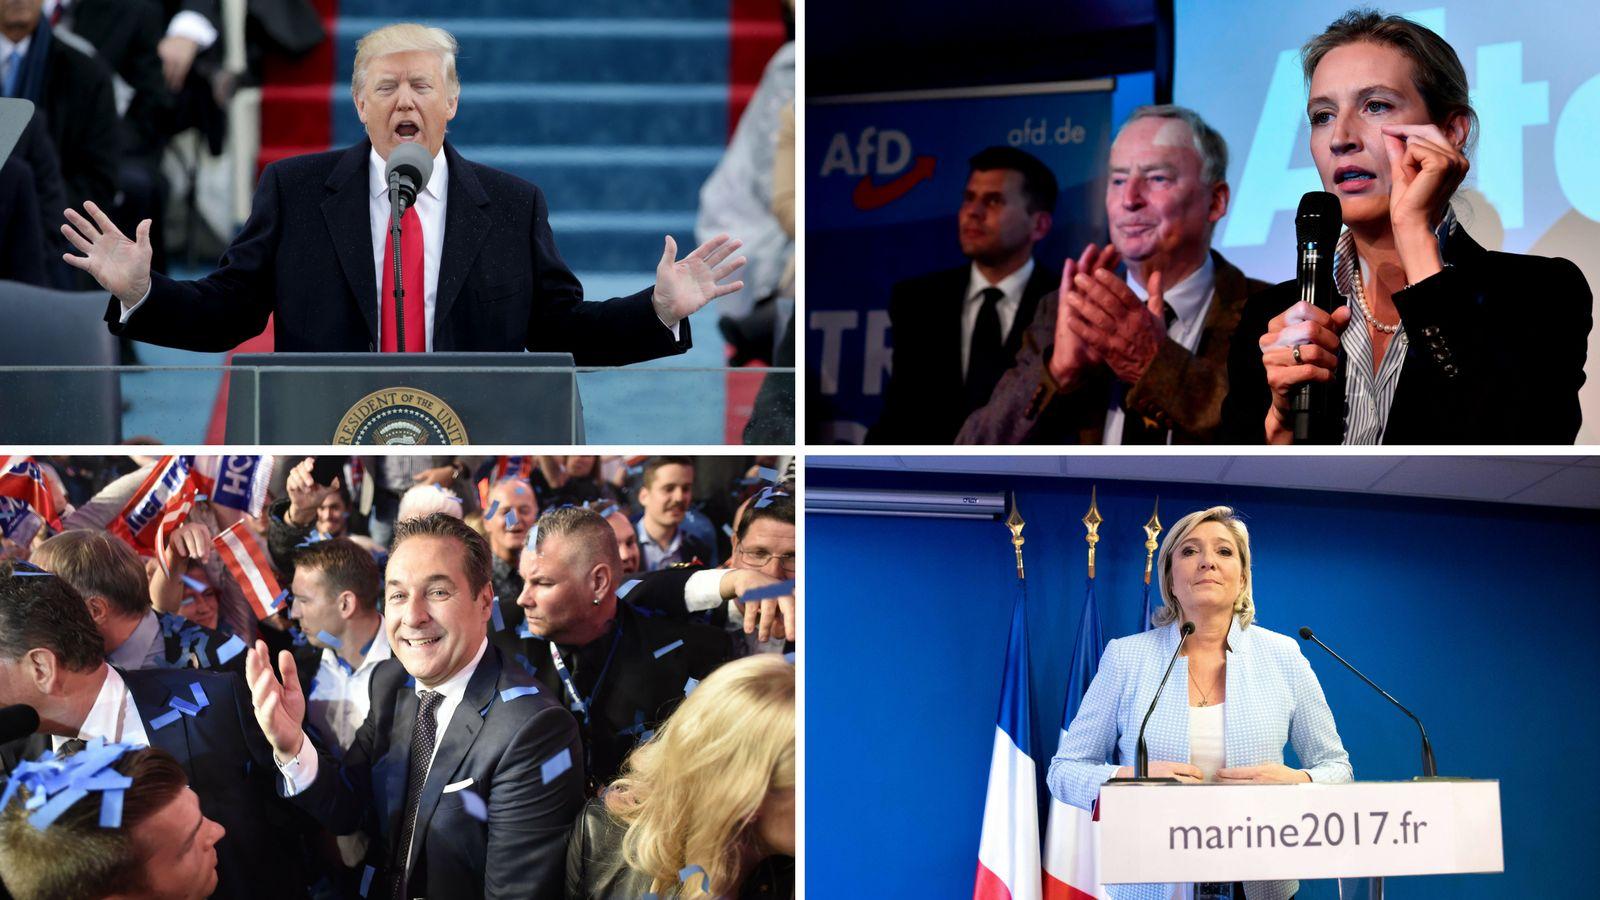 War 2017 das Ende des Populismus? Diese Fakten sprechen dagegen